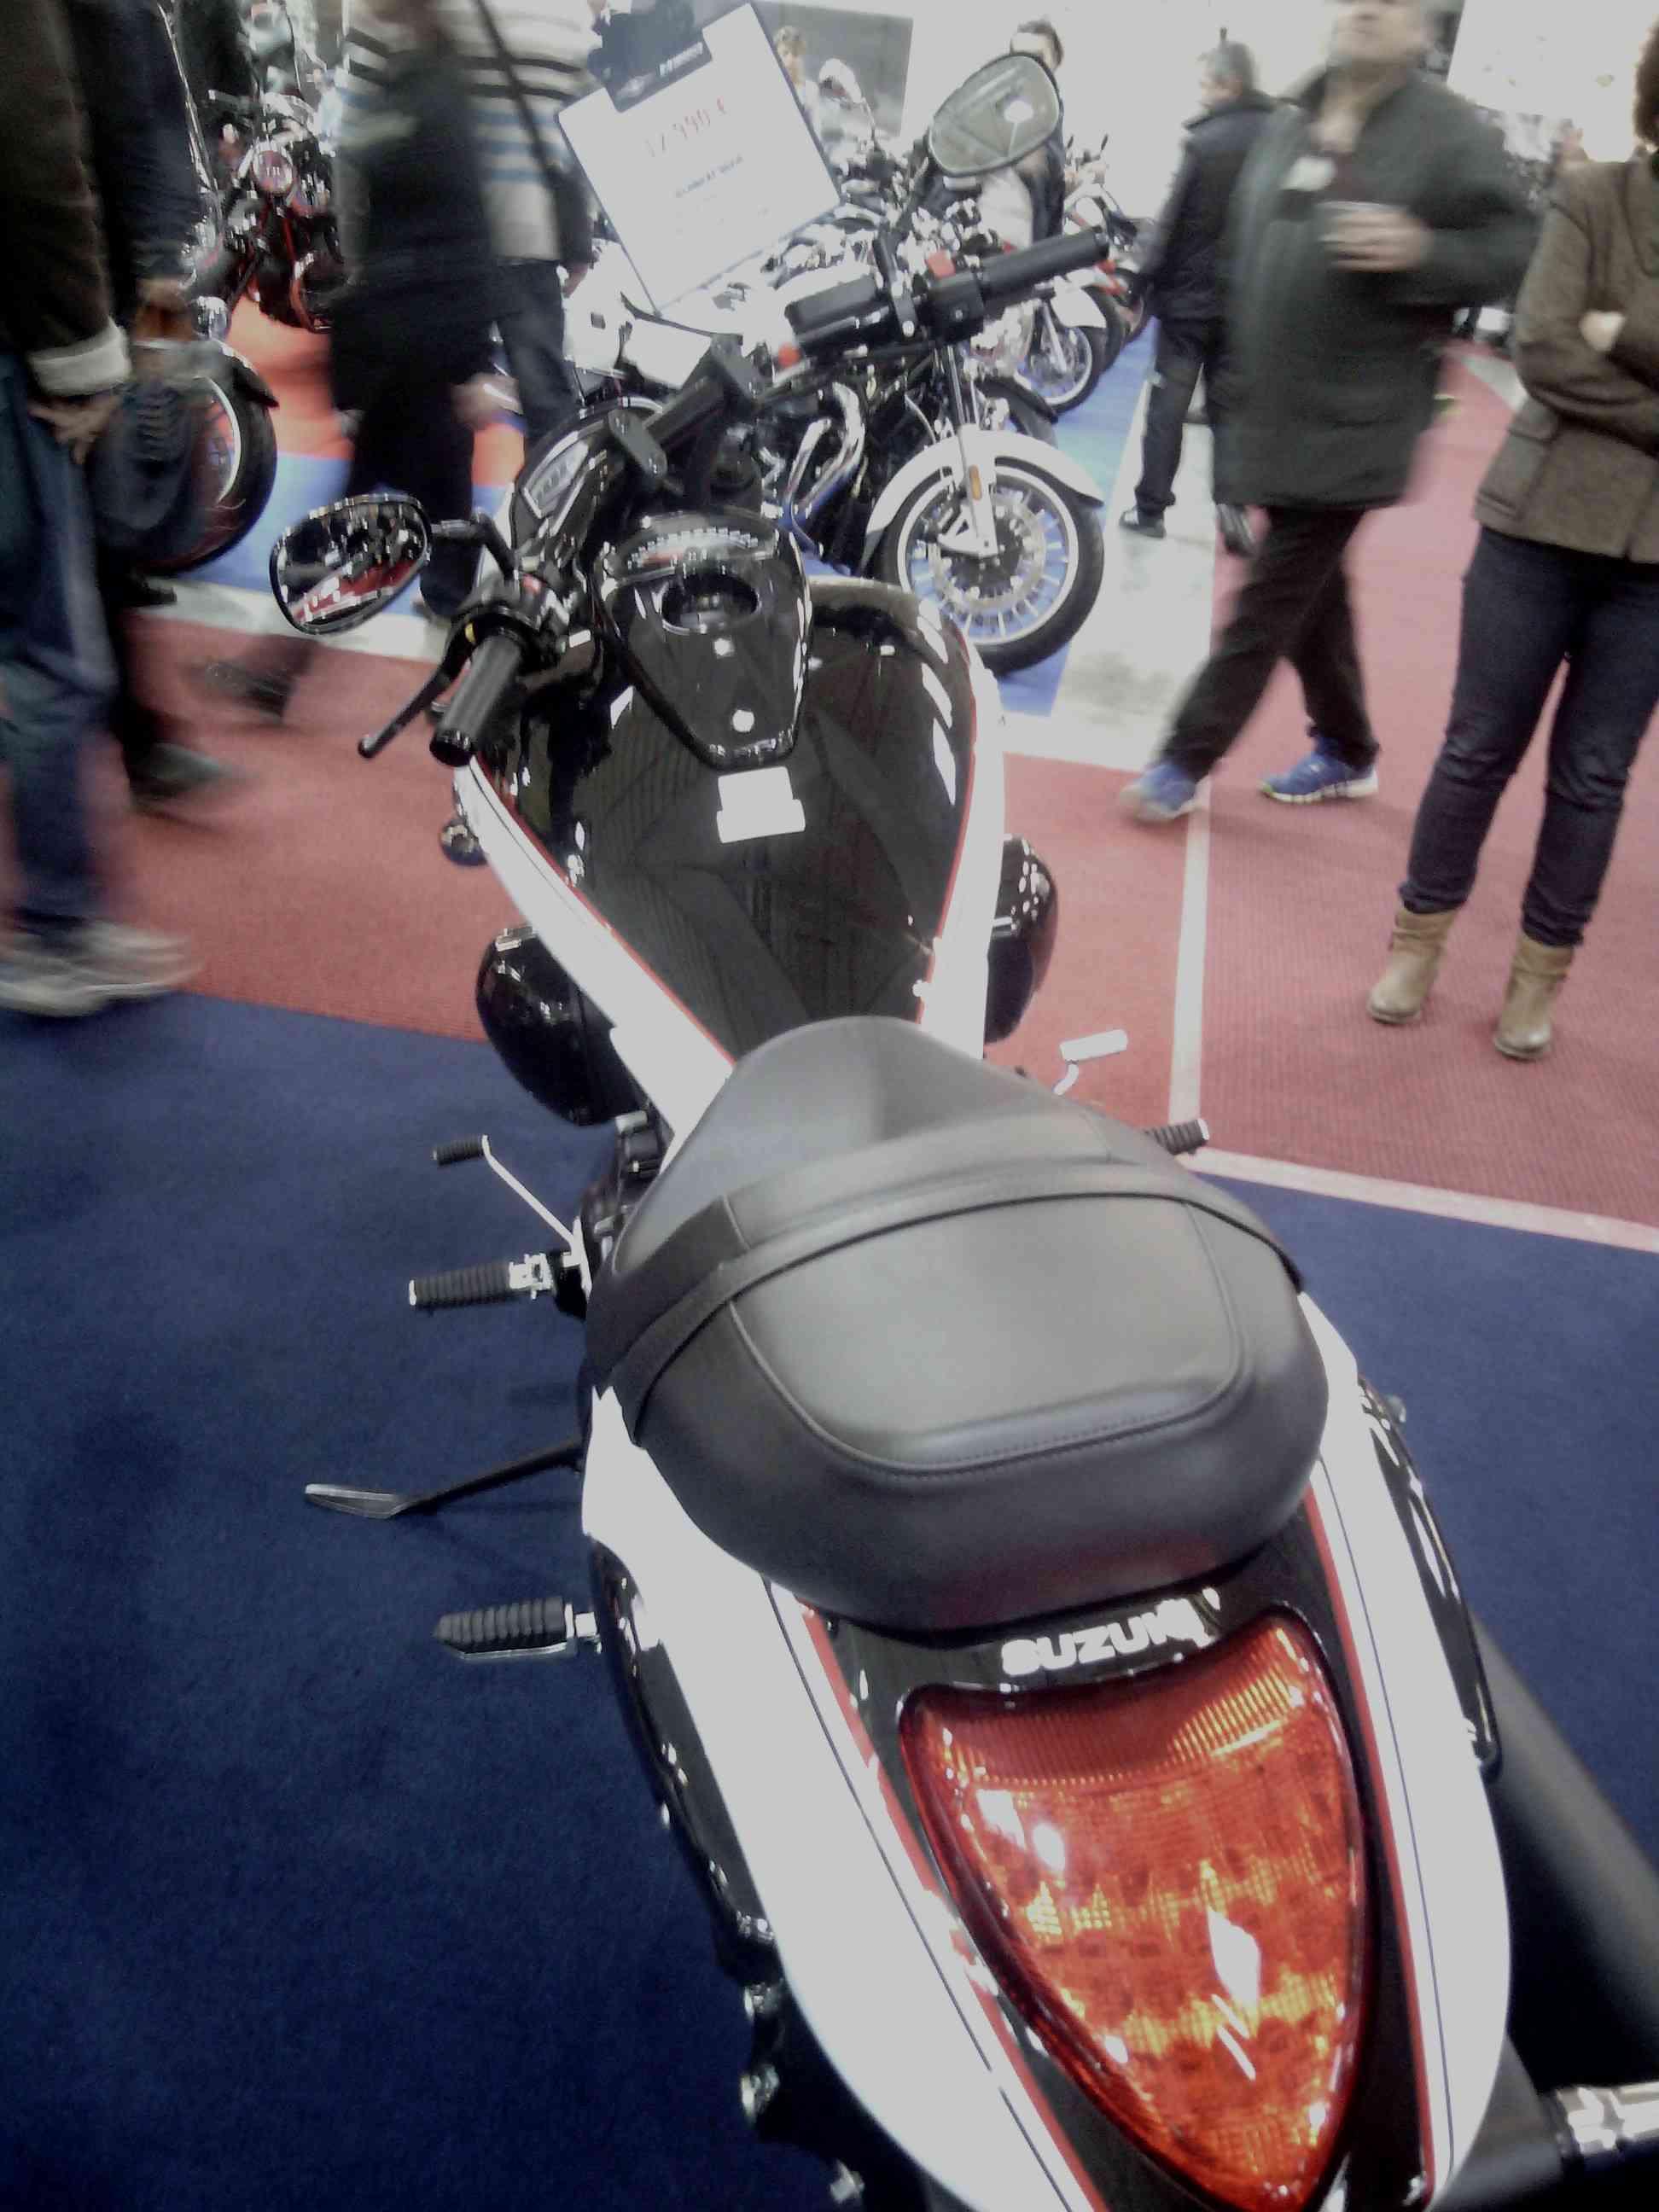 Έκθεση μοτοσυκλέτας 2015 στην Μπρατισλάβα Img_2019